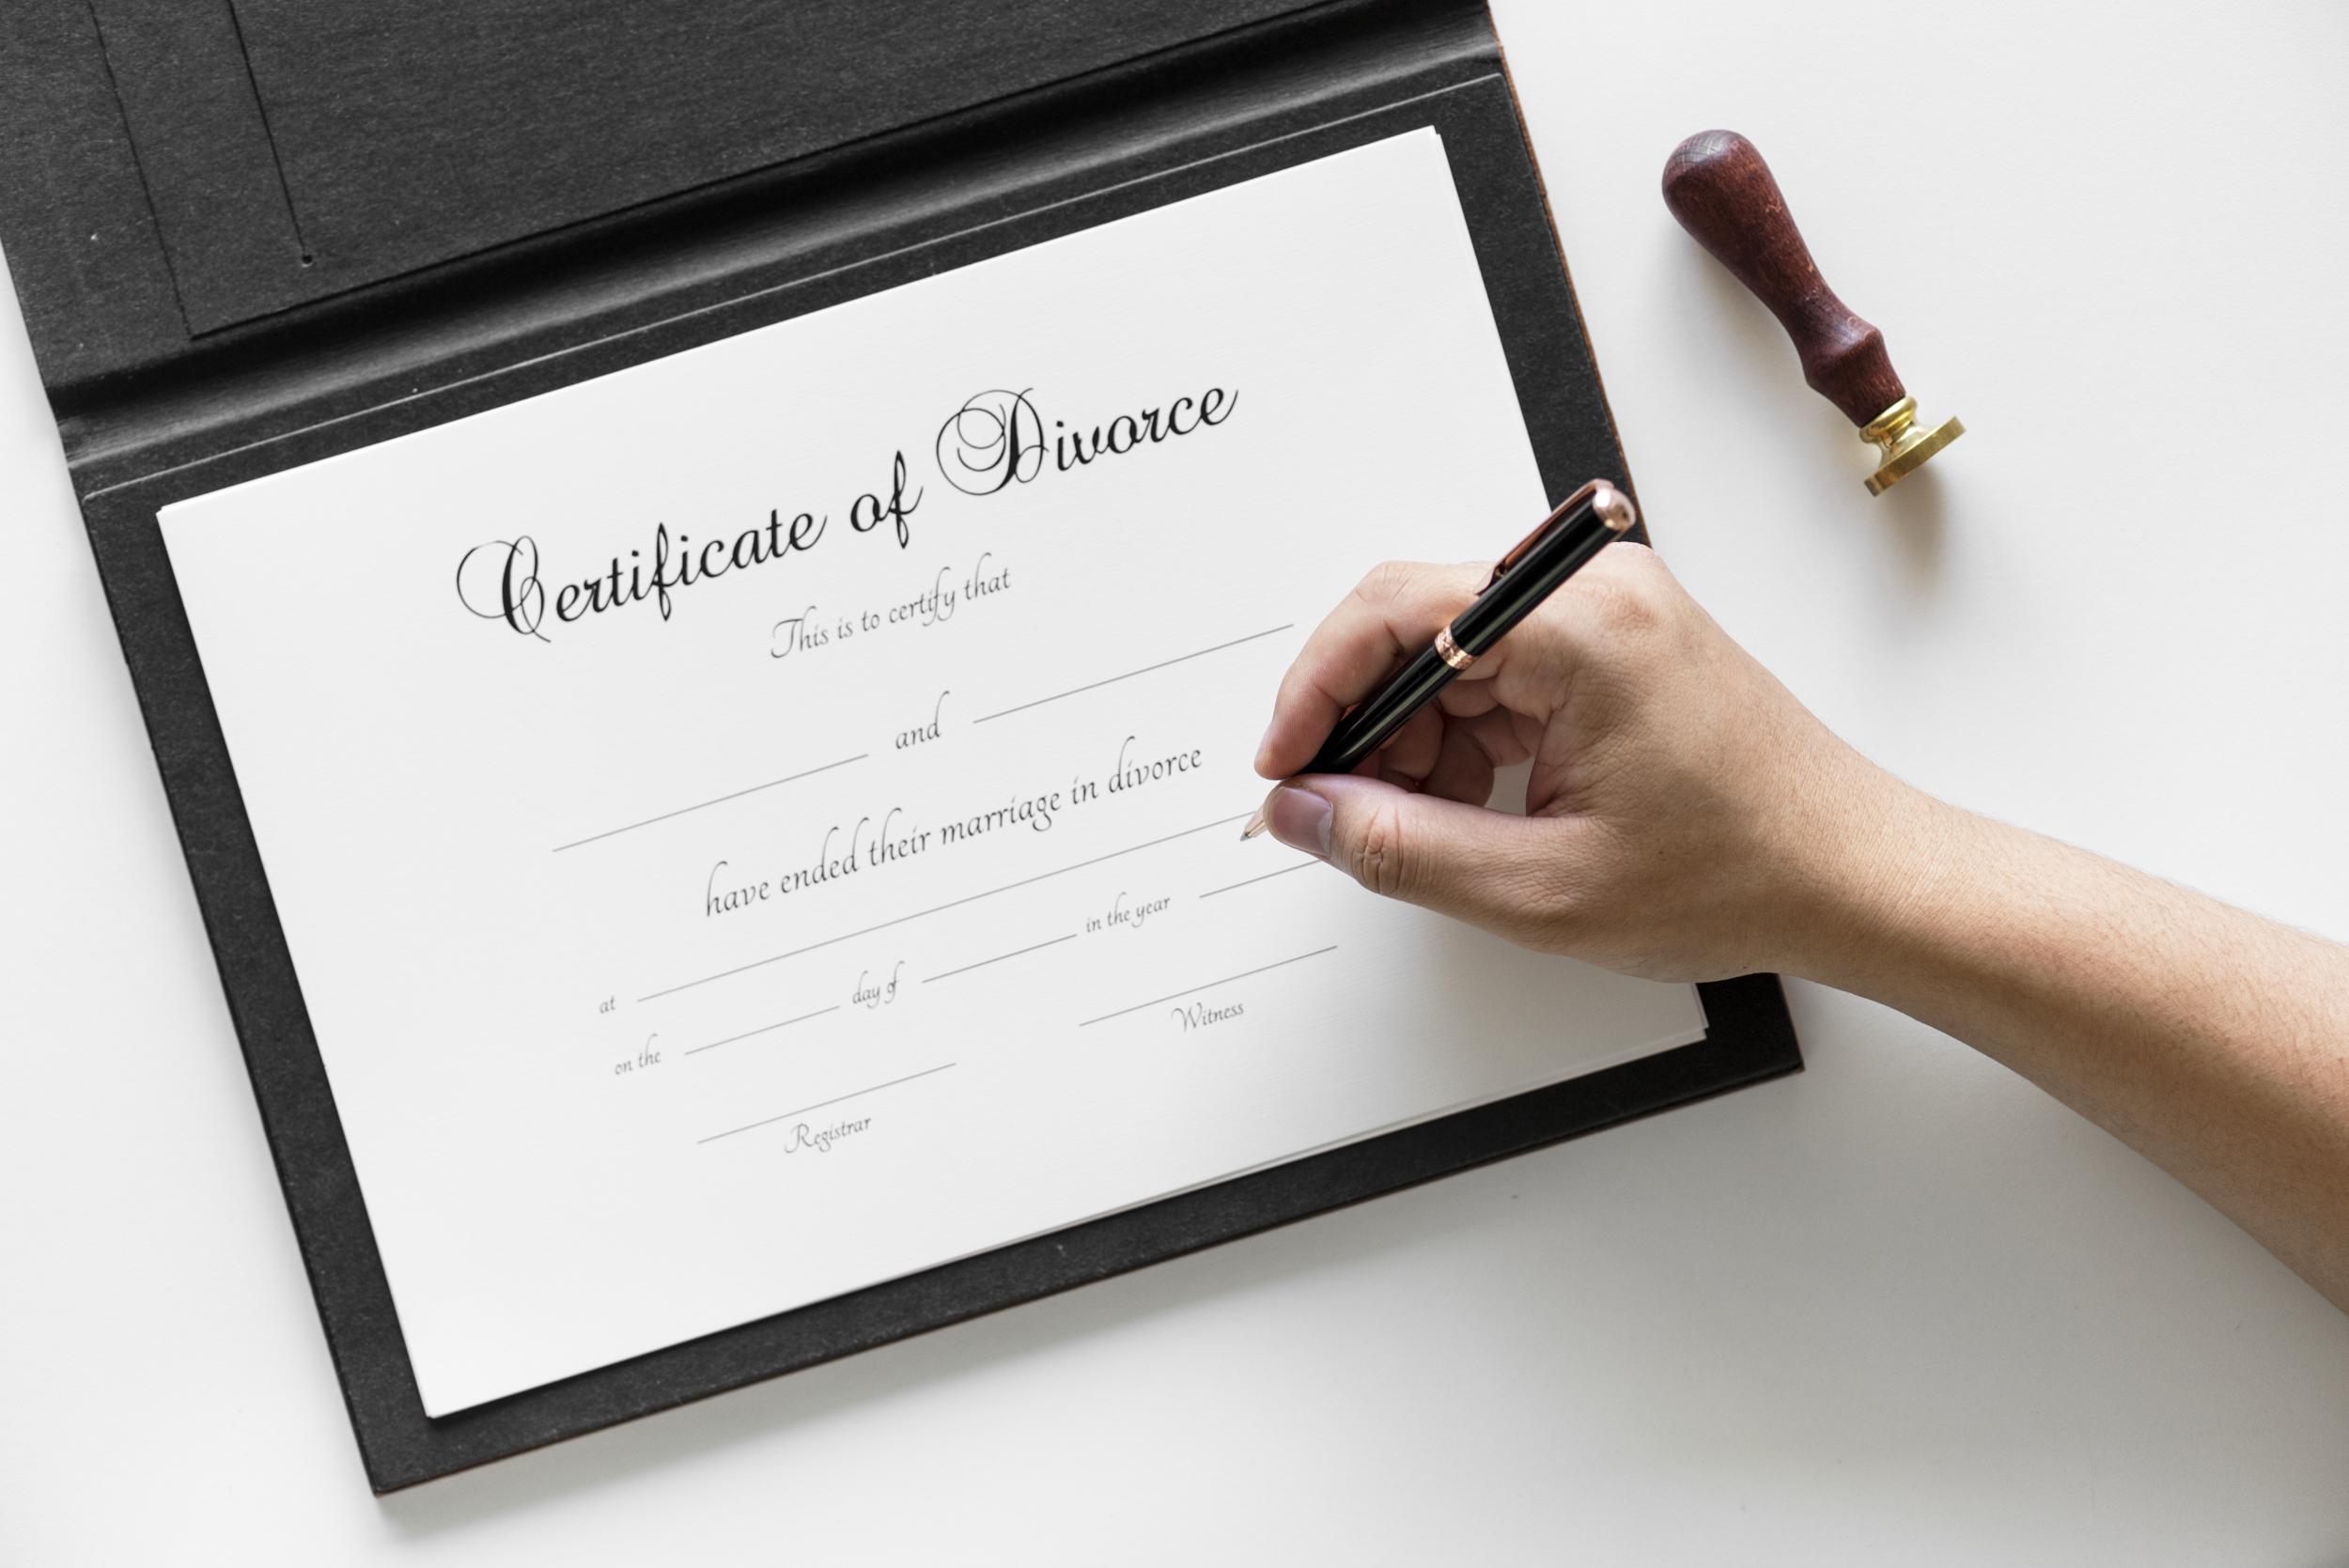 Certificate of Divorce